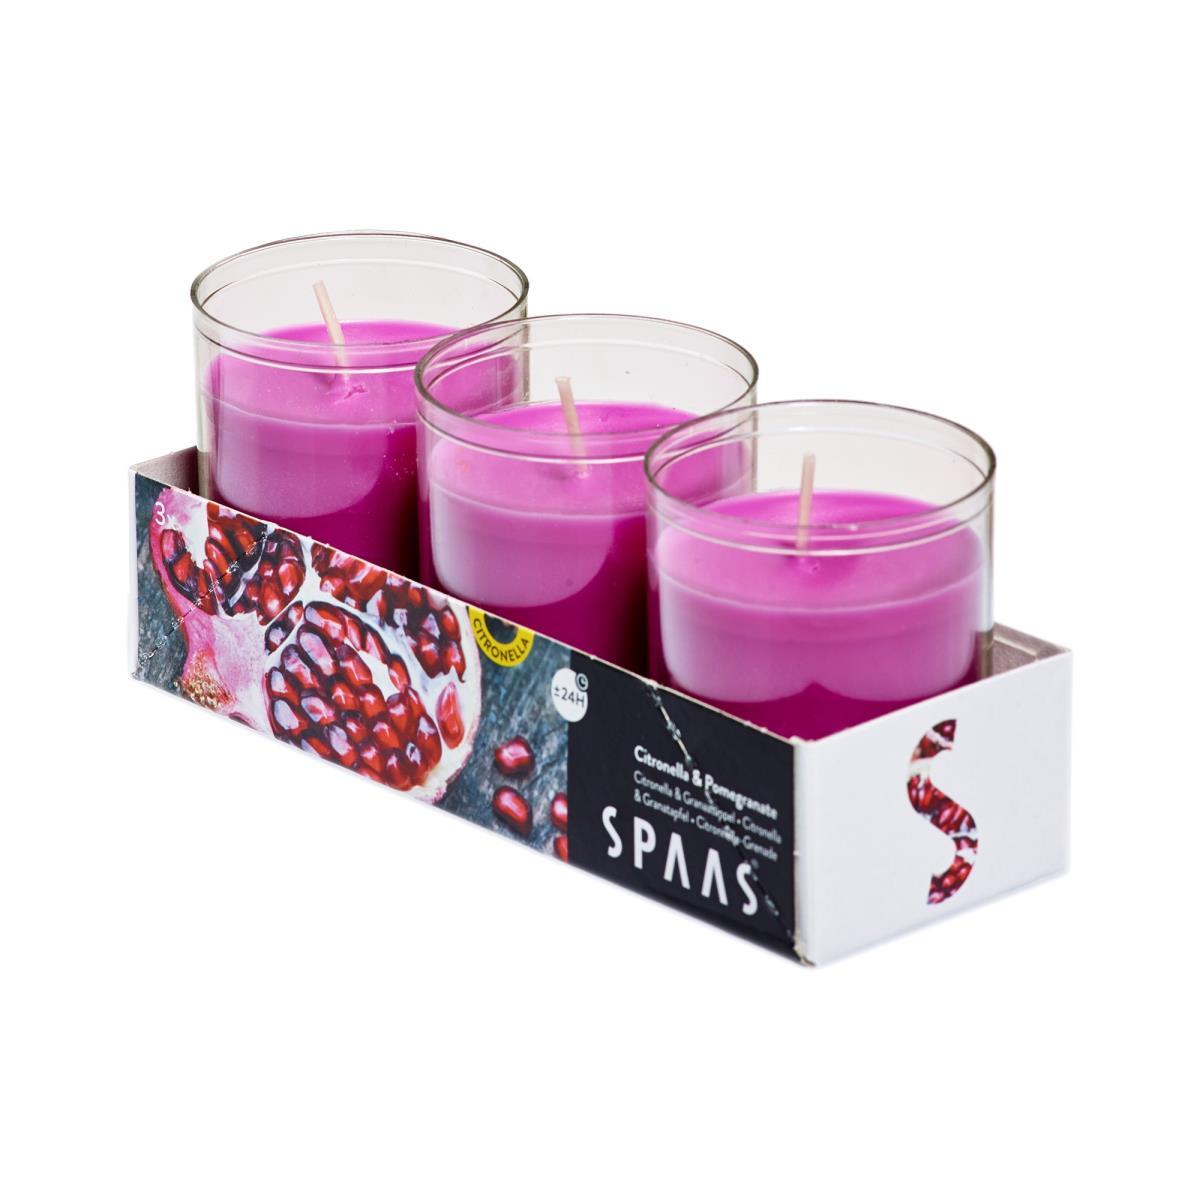 12 x Citronella Granatapfel Duftlichter Mücken Kerzen Teelichter Mückenabwehr ,Spaas,000051332861, 0676424769023